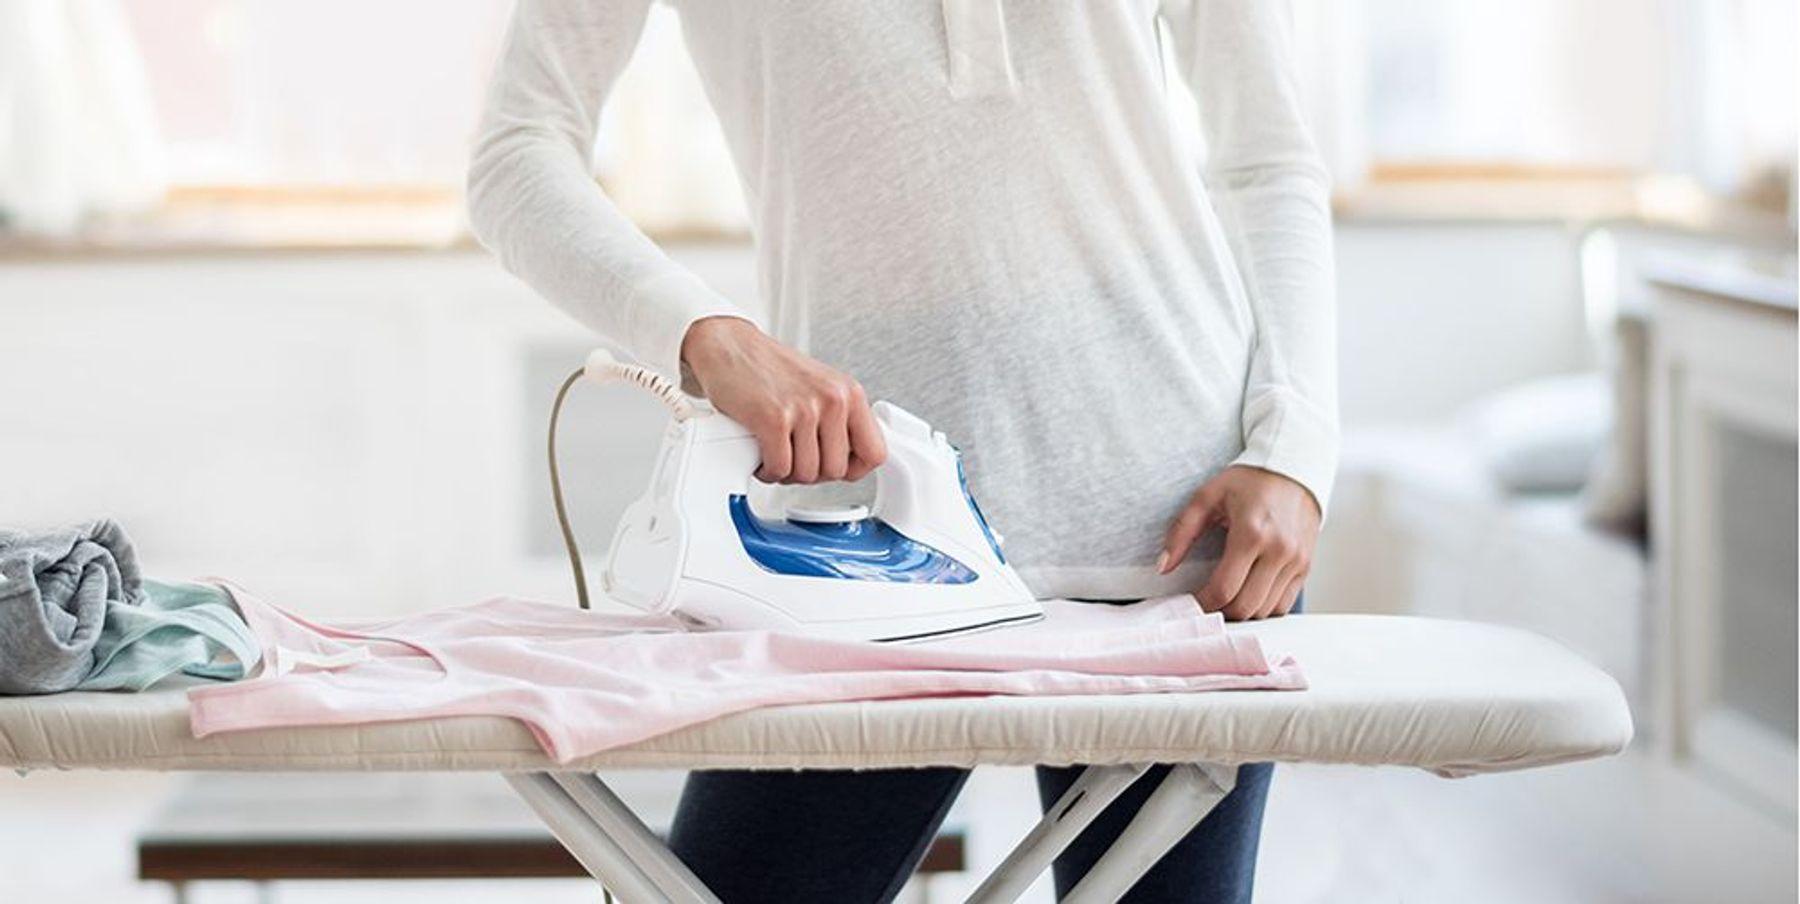 Ủi quần áo để loại bỏ đám xù lông